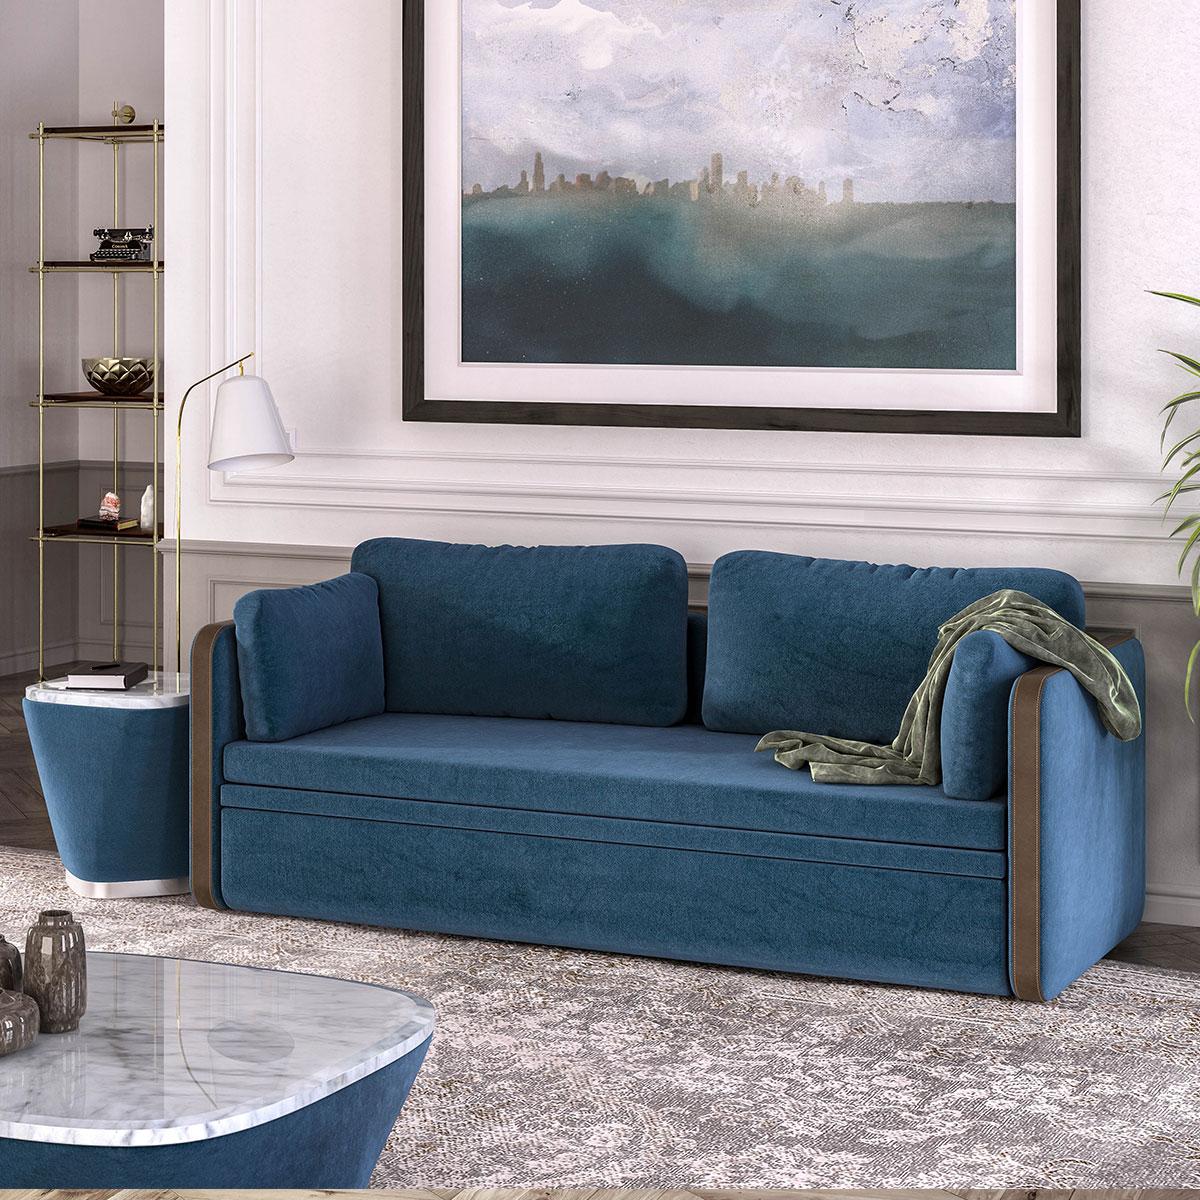 Sofá-cama Concept colunex concept bed sofa inspiration